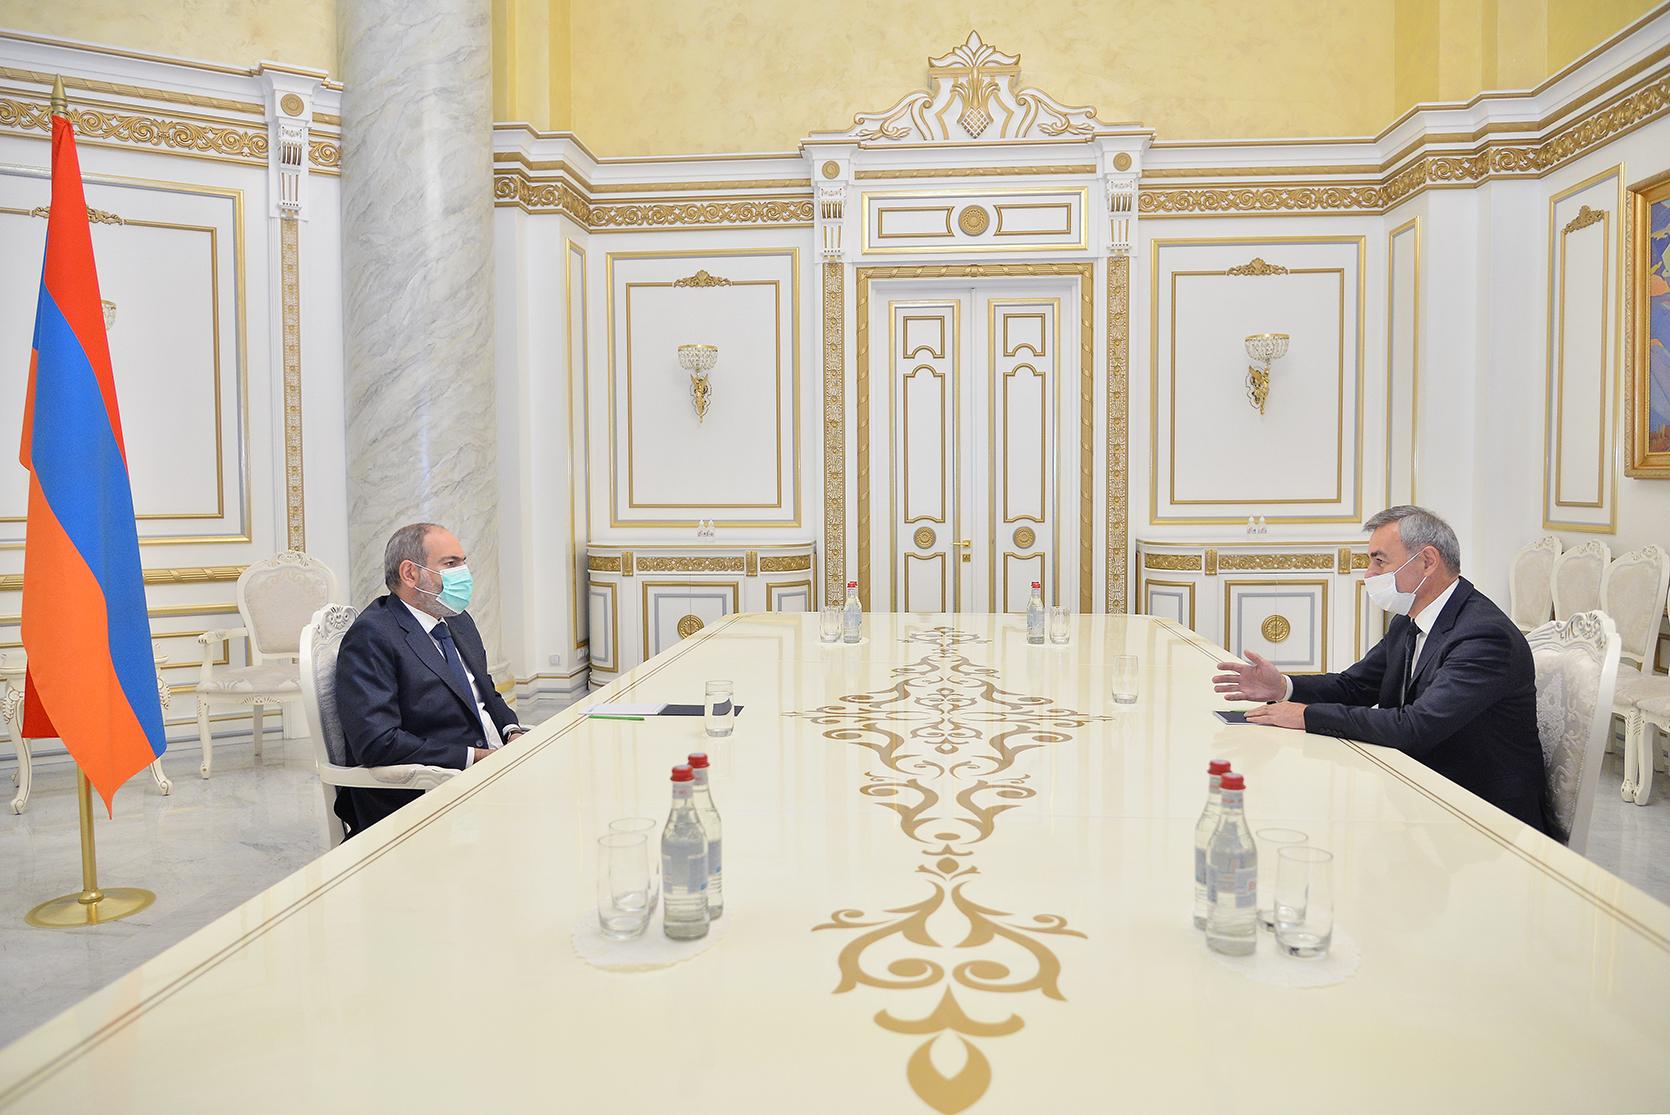 Photo of Վարչապետ Փաշինյանը շարունակում է հանդիպումները գործարար դաշտի ներկայացուցիչների հետ